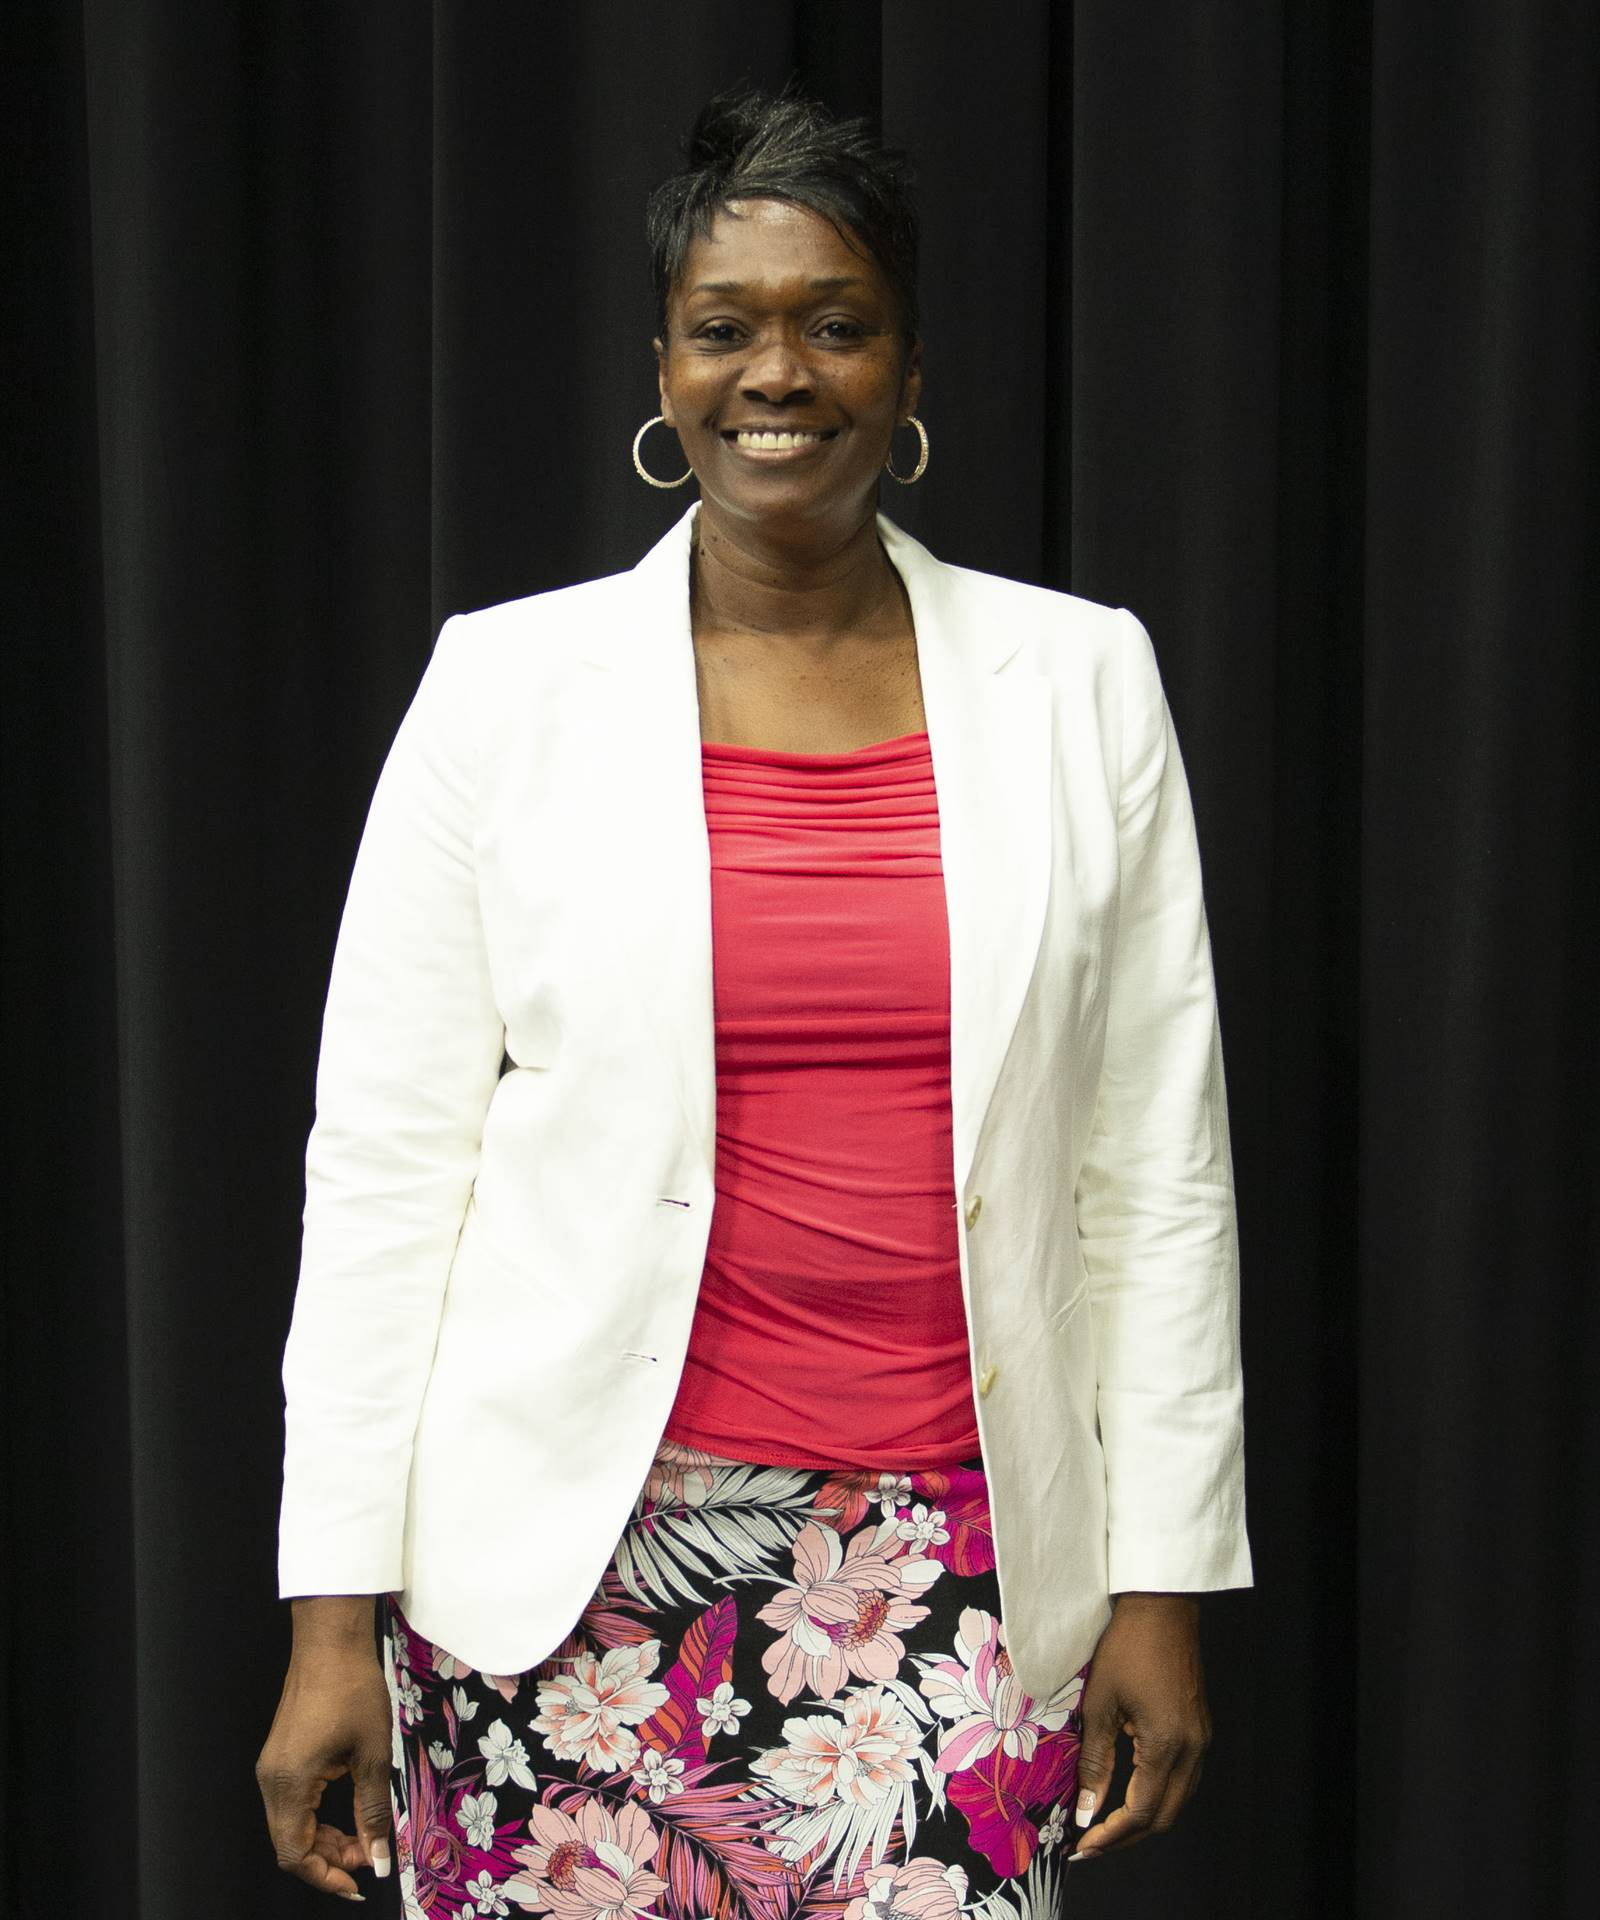 Mrs. LaRita Stewart, Board President - lstewart@goquips.org